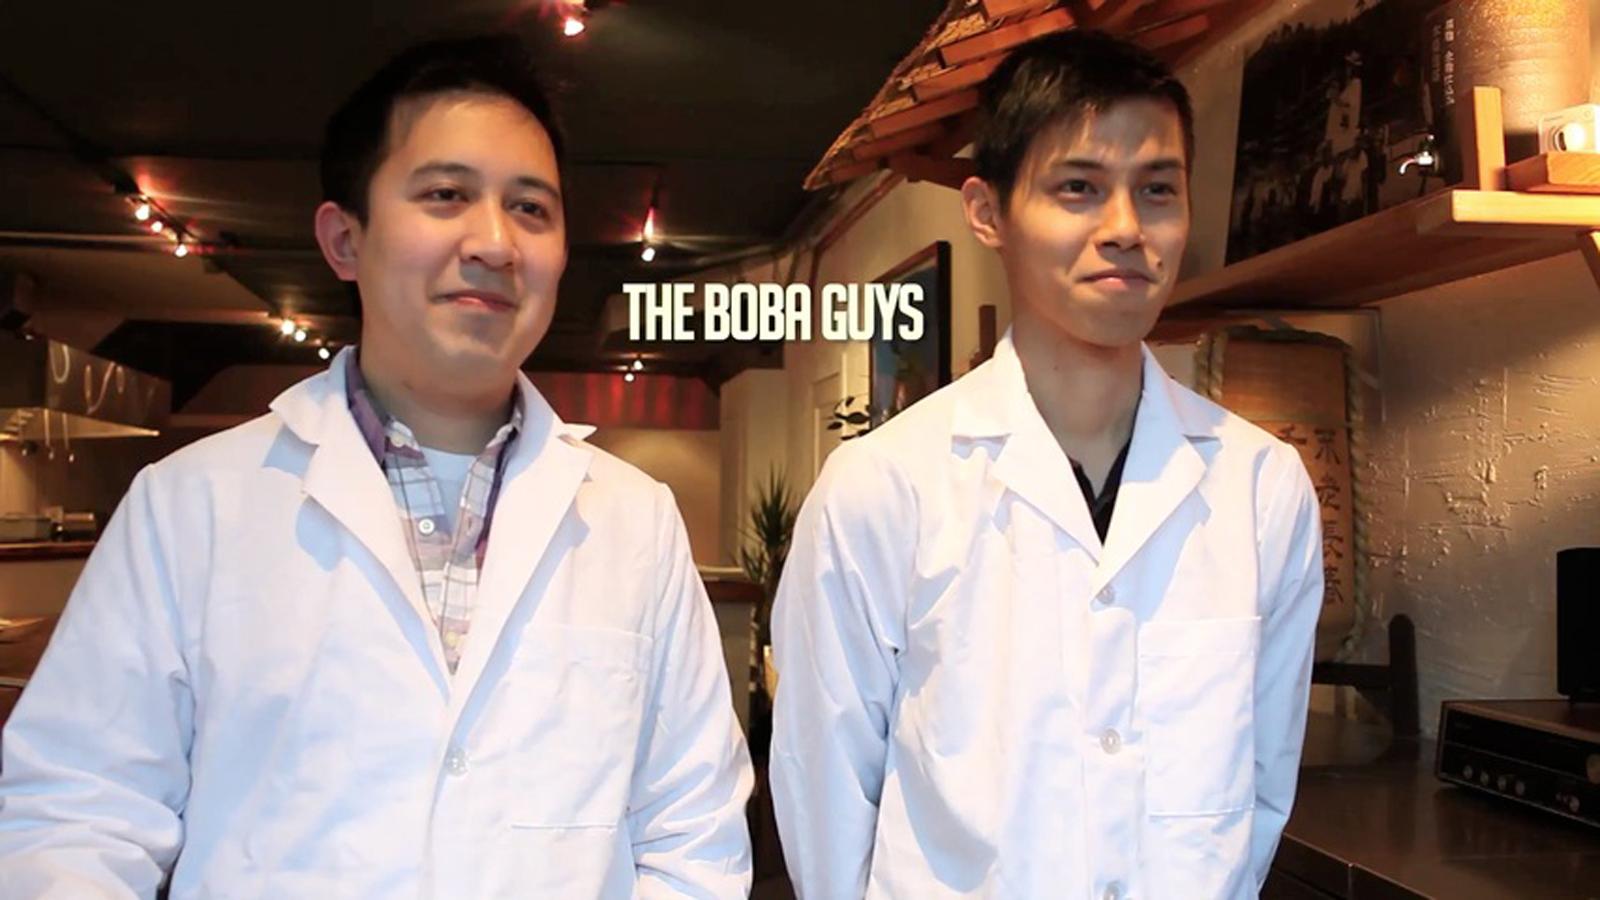 Meet the Boba Guys